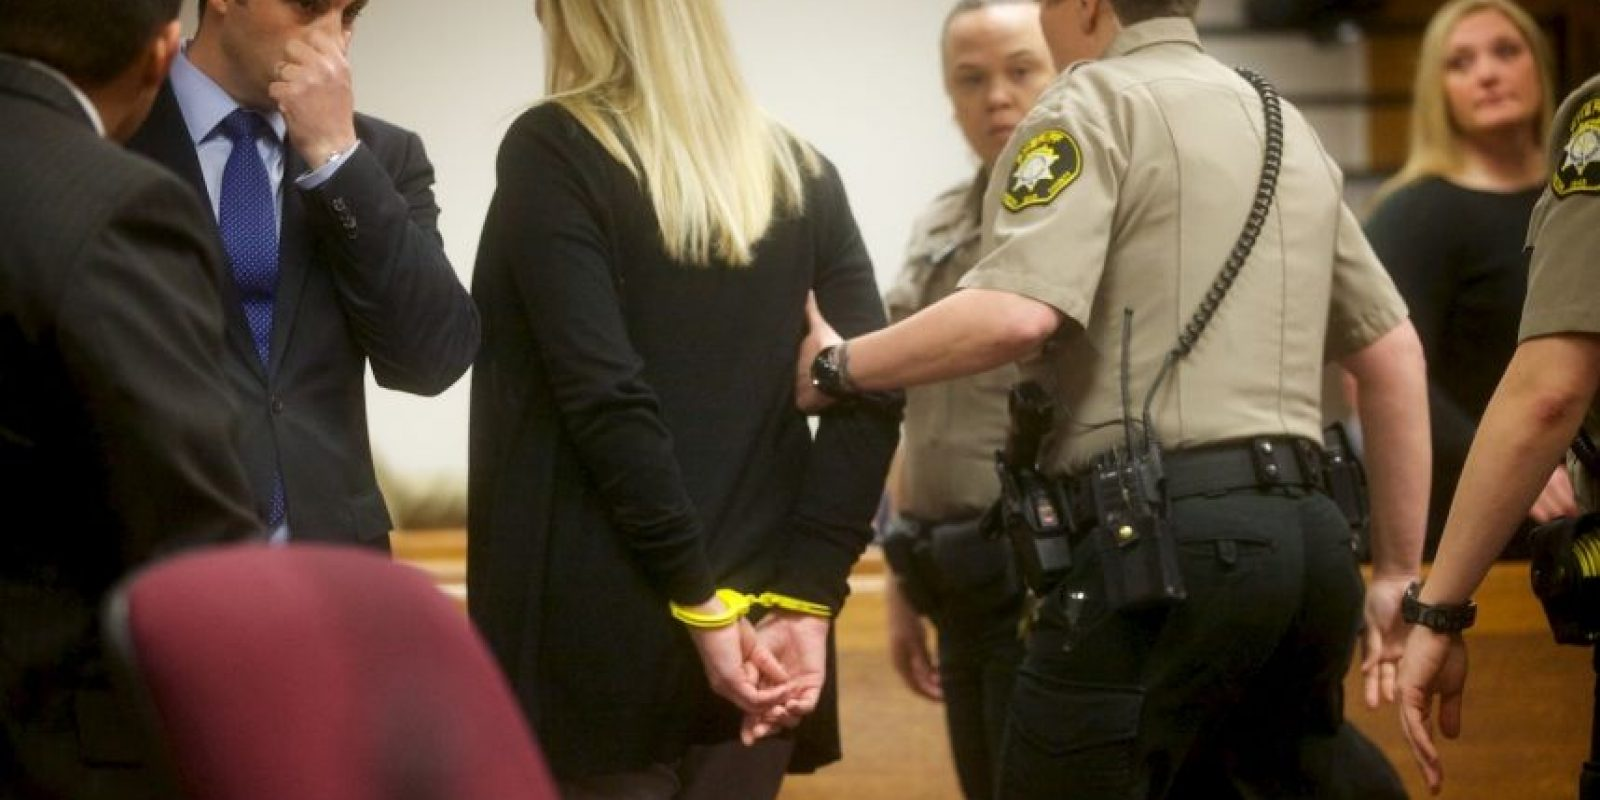 2. Se estimó que fueron 13 las ocasiones en las que Curry abrió la celda de Delgado Galban y tuvo sexo con él. Foto:AP